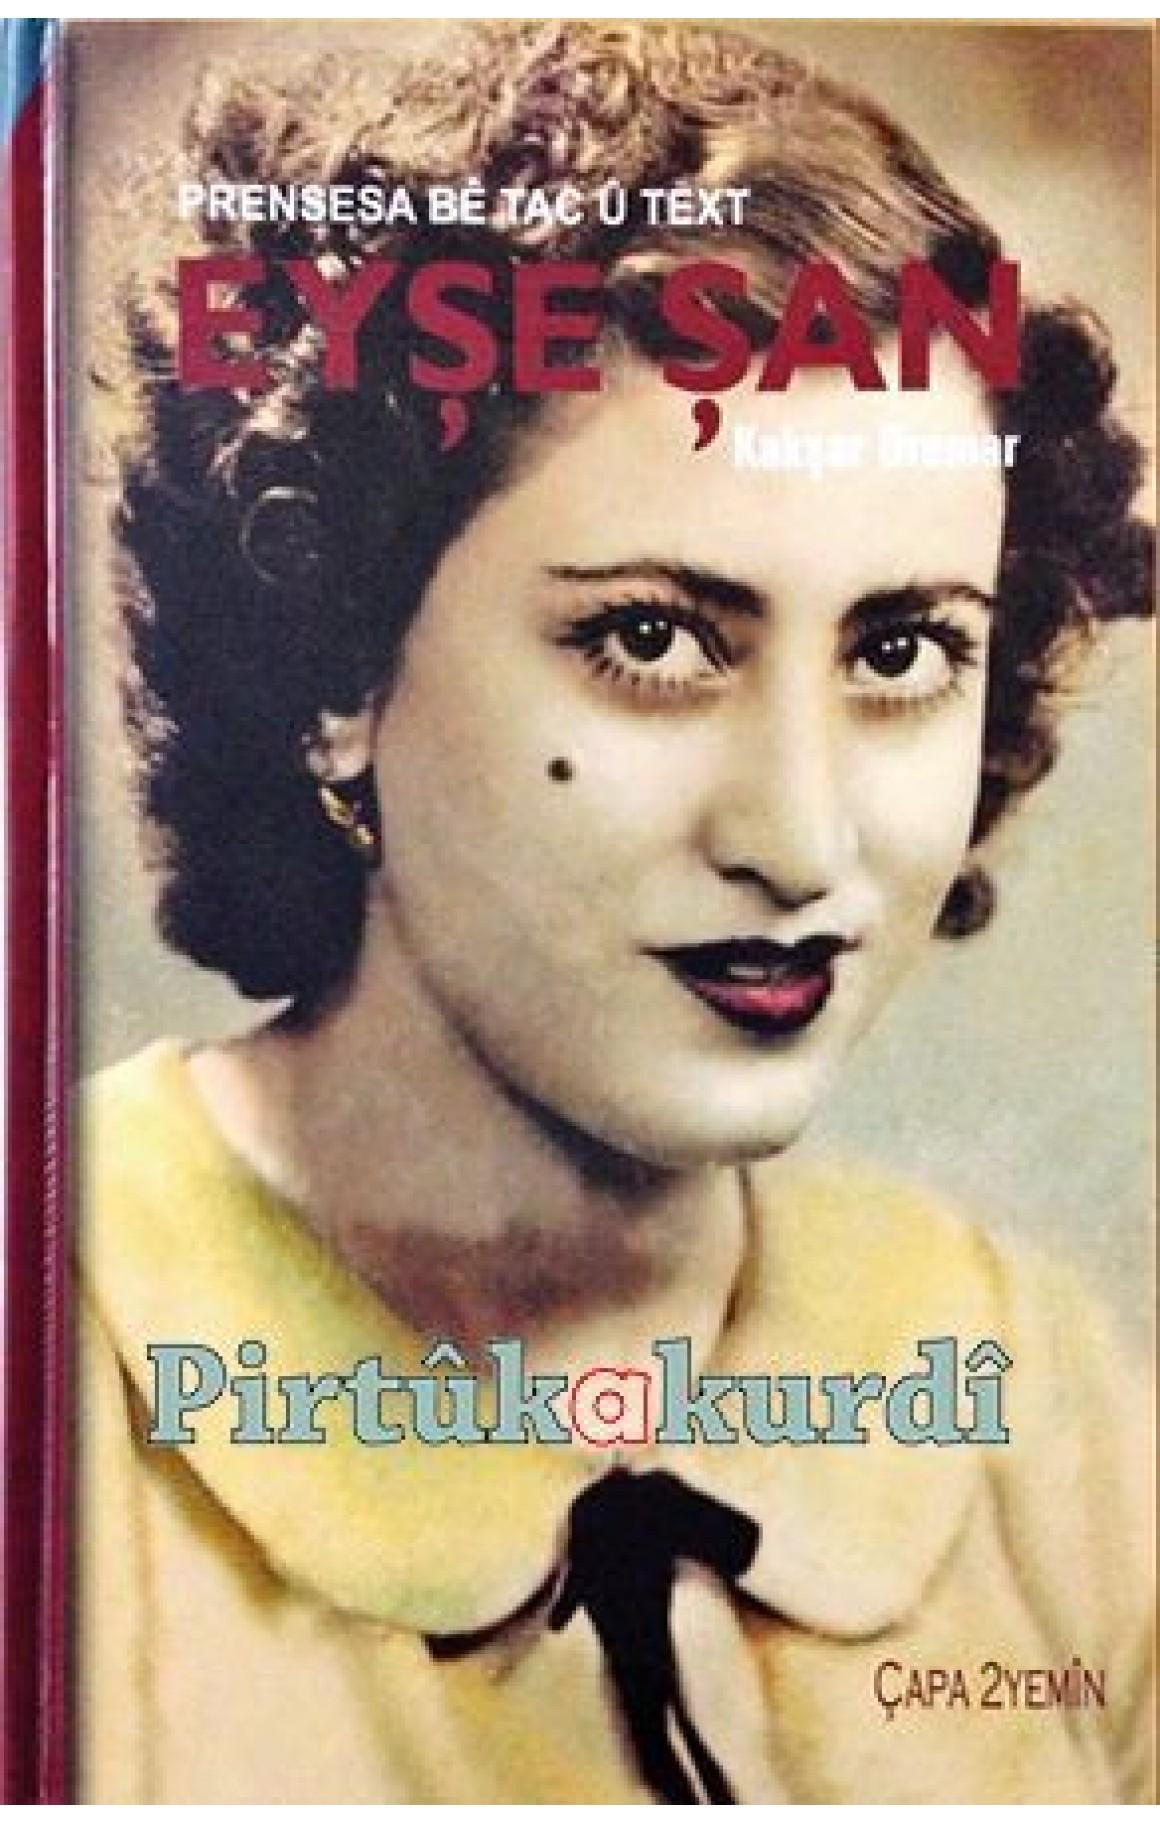 Prensesa Bê Tac û Text Eyşe Şan